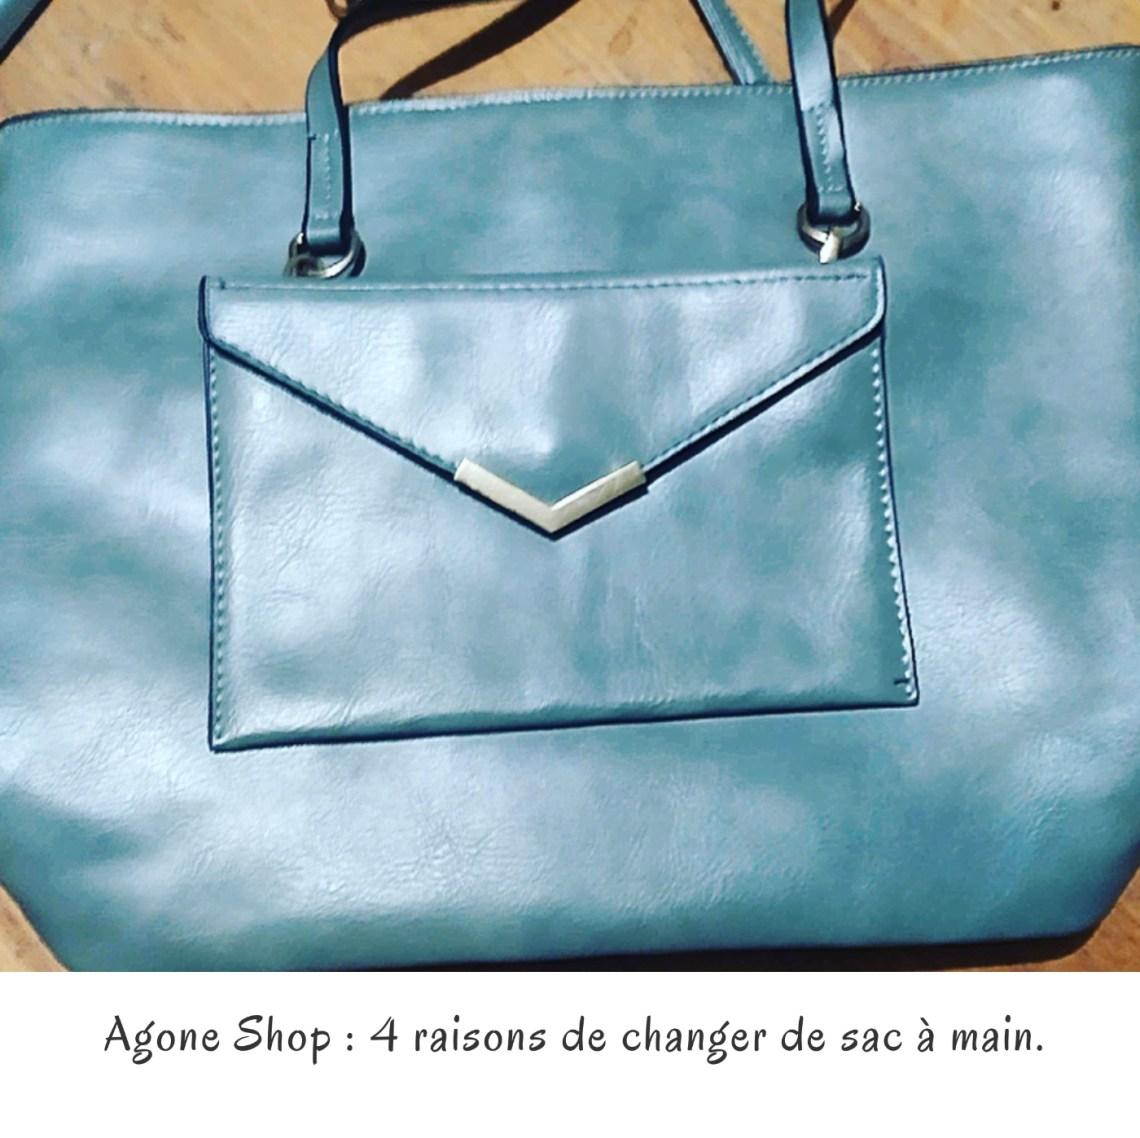 Agone Shop : 4 raisons de changer de sac à main.